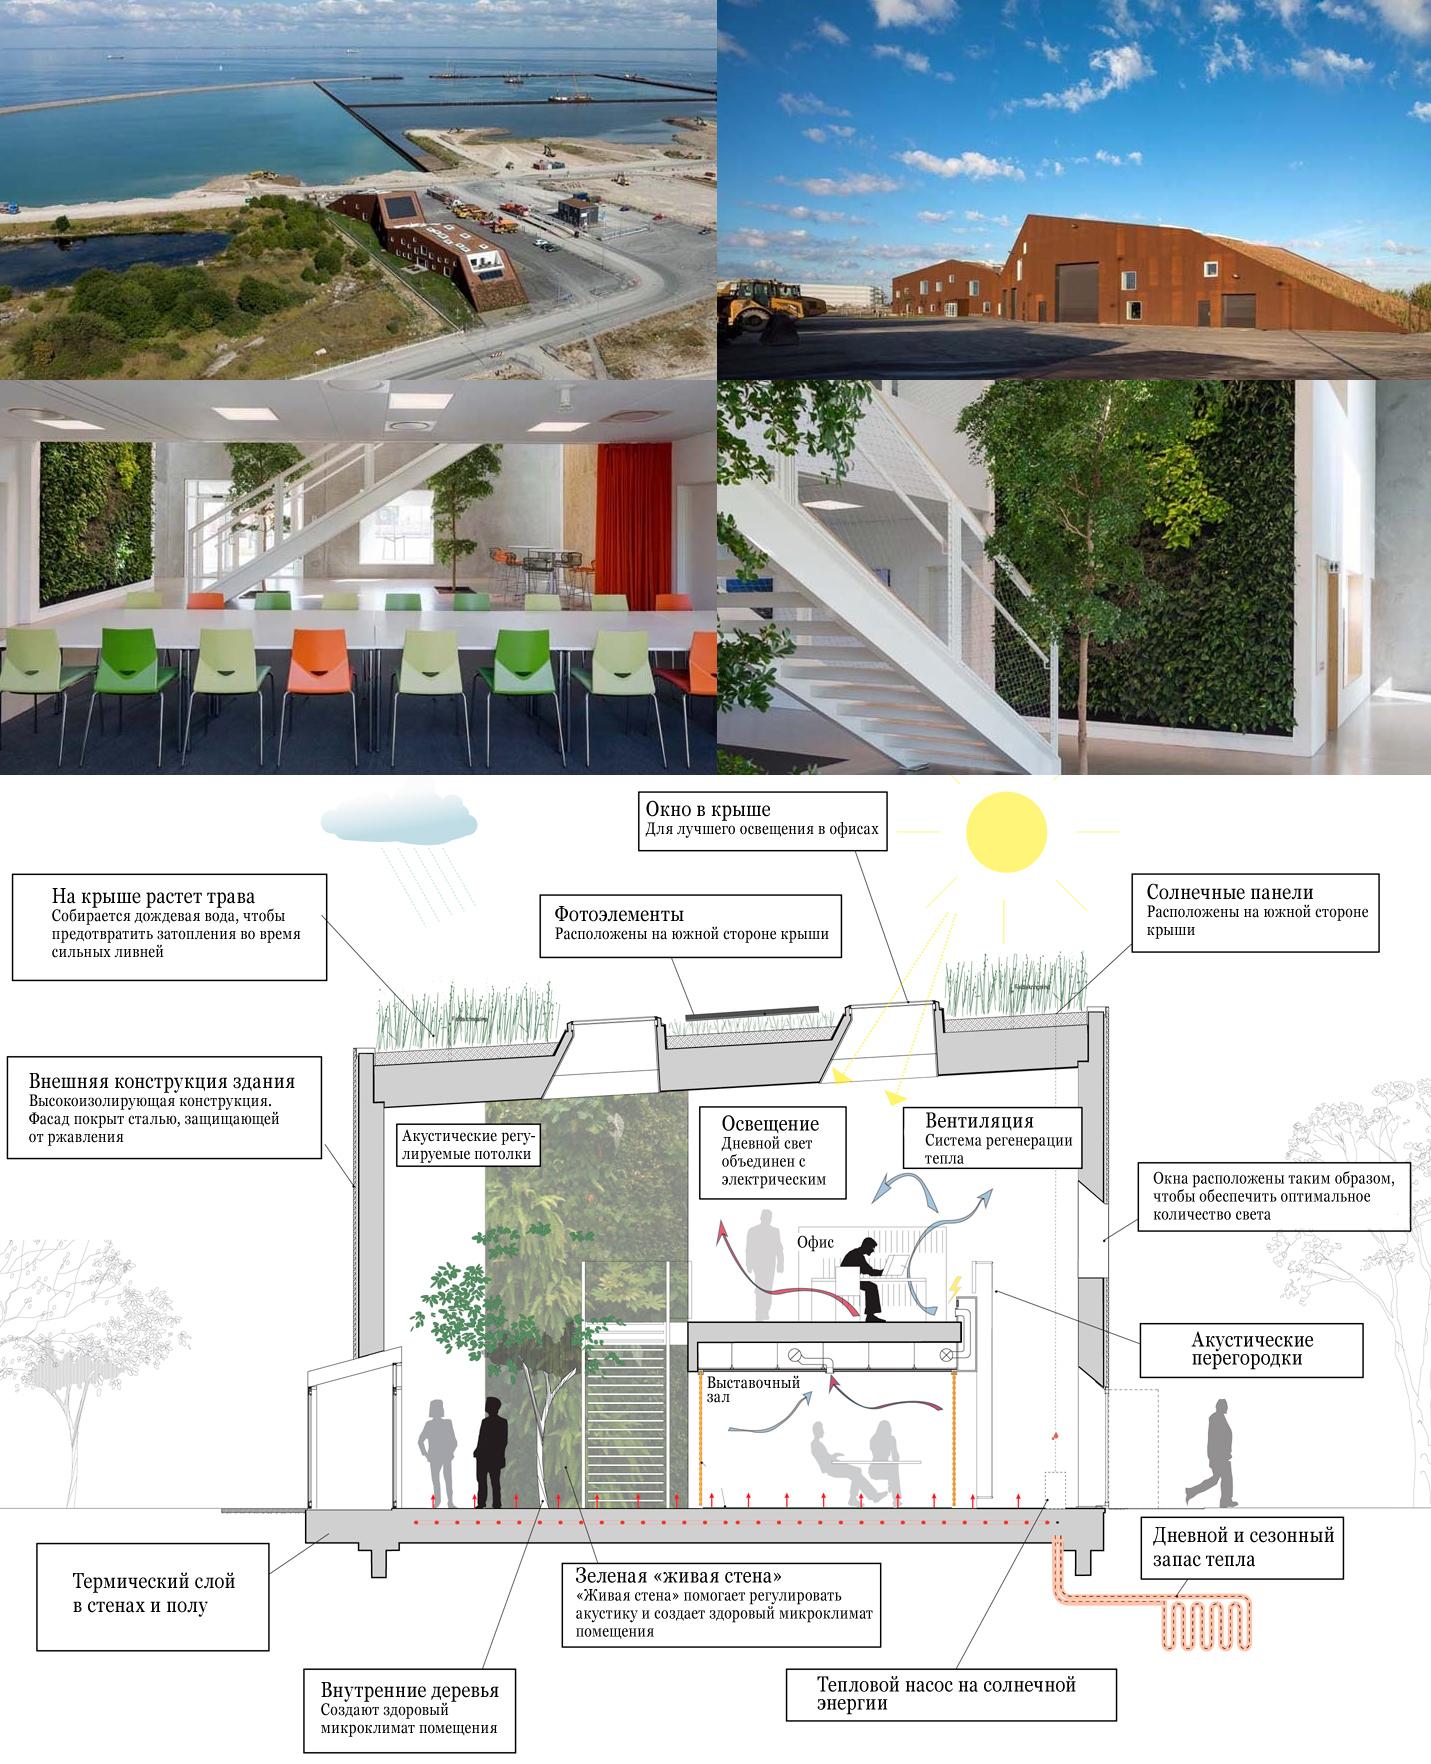 09 Центр очистки почвы в Копенгагене